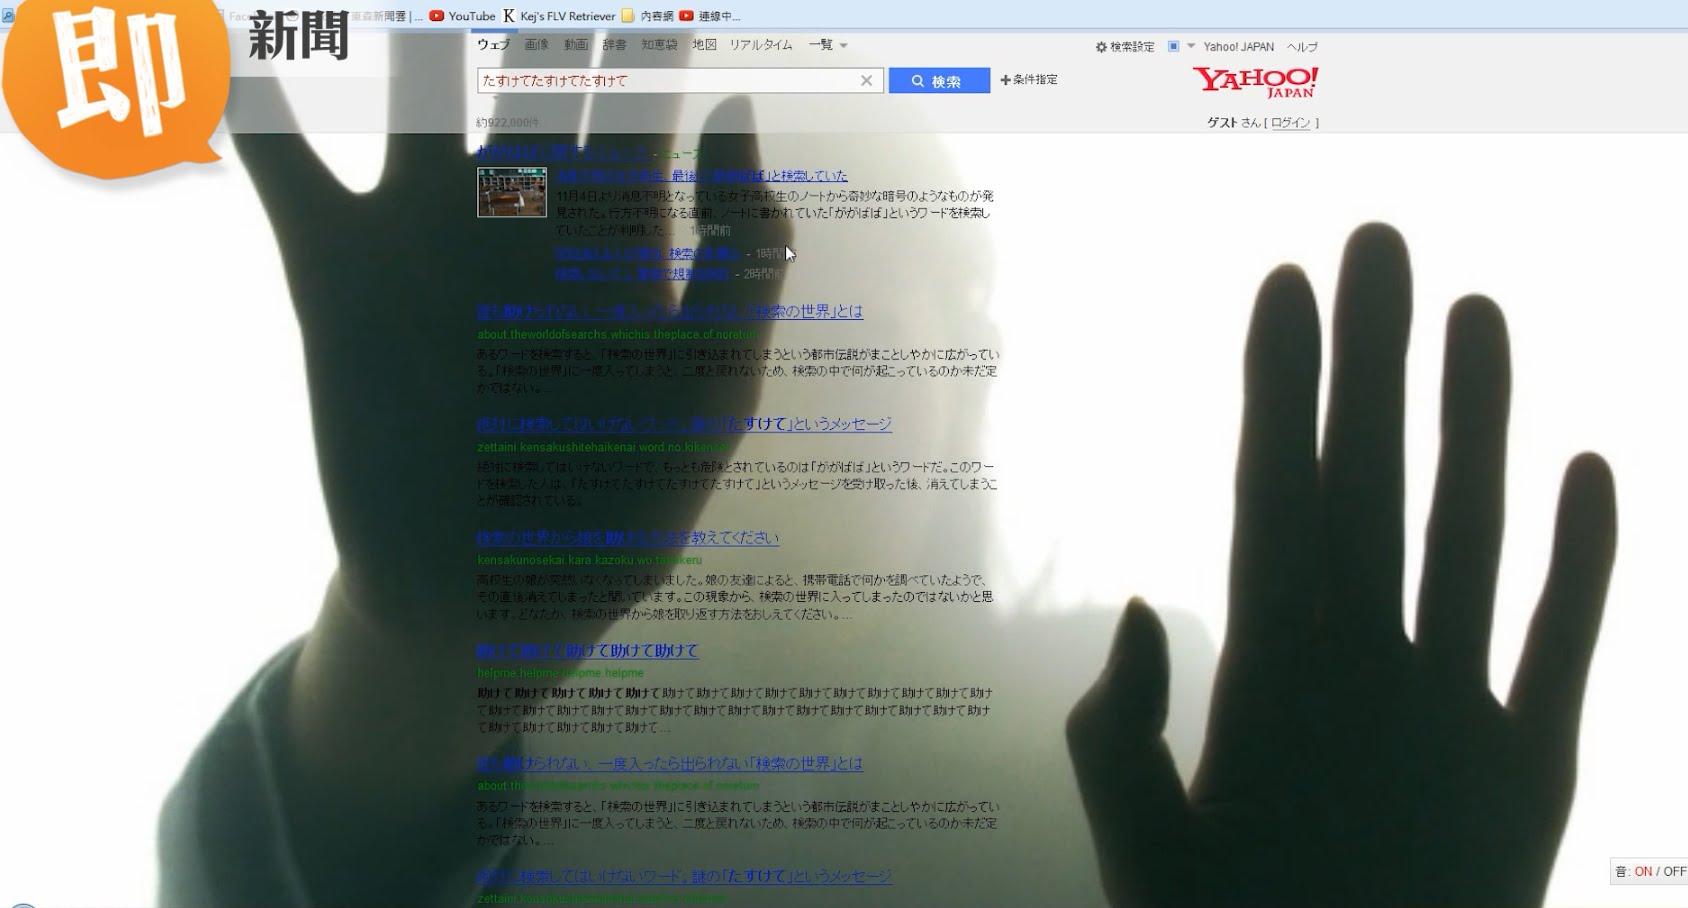 【閲覧注意】Yahoo! JAPANで「ががばば」を検索しちゃった!